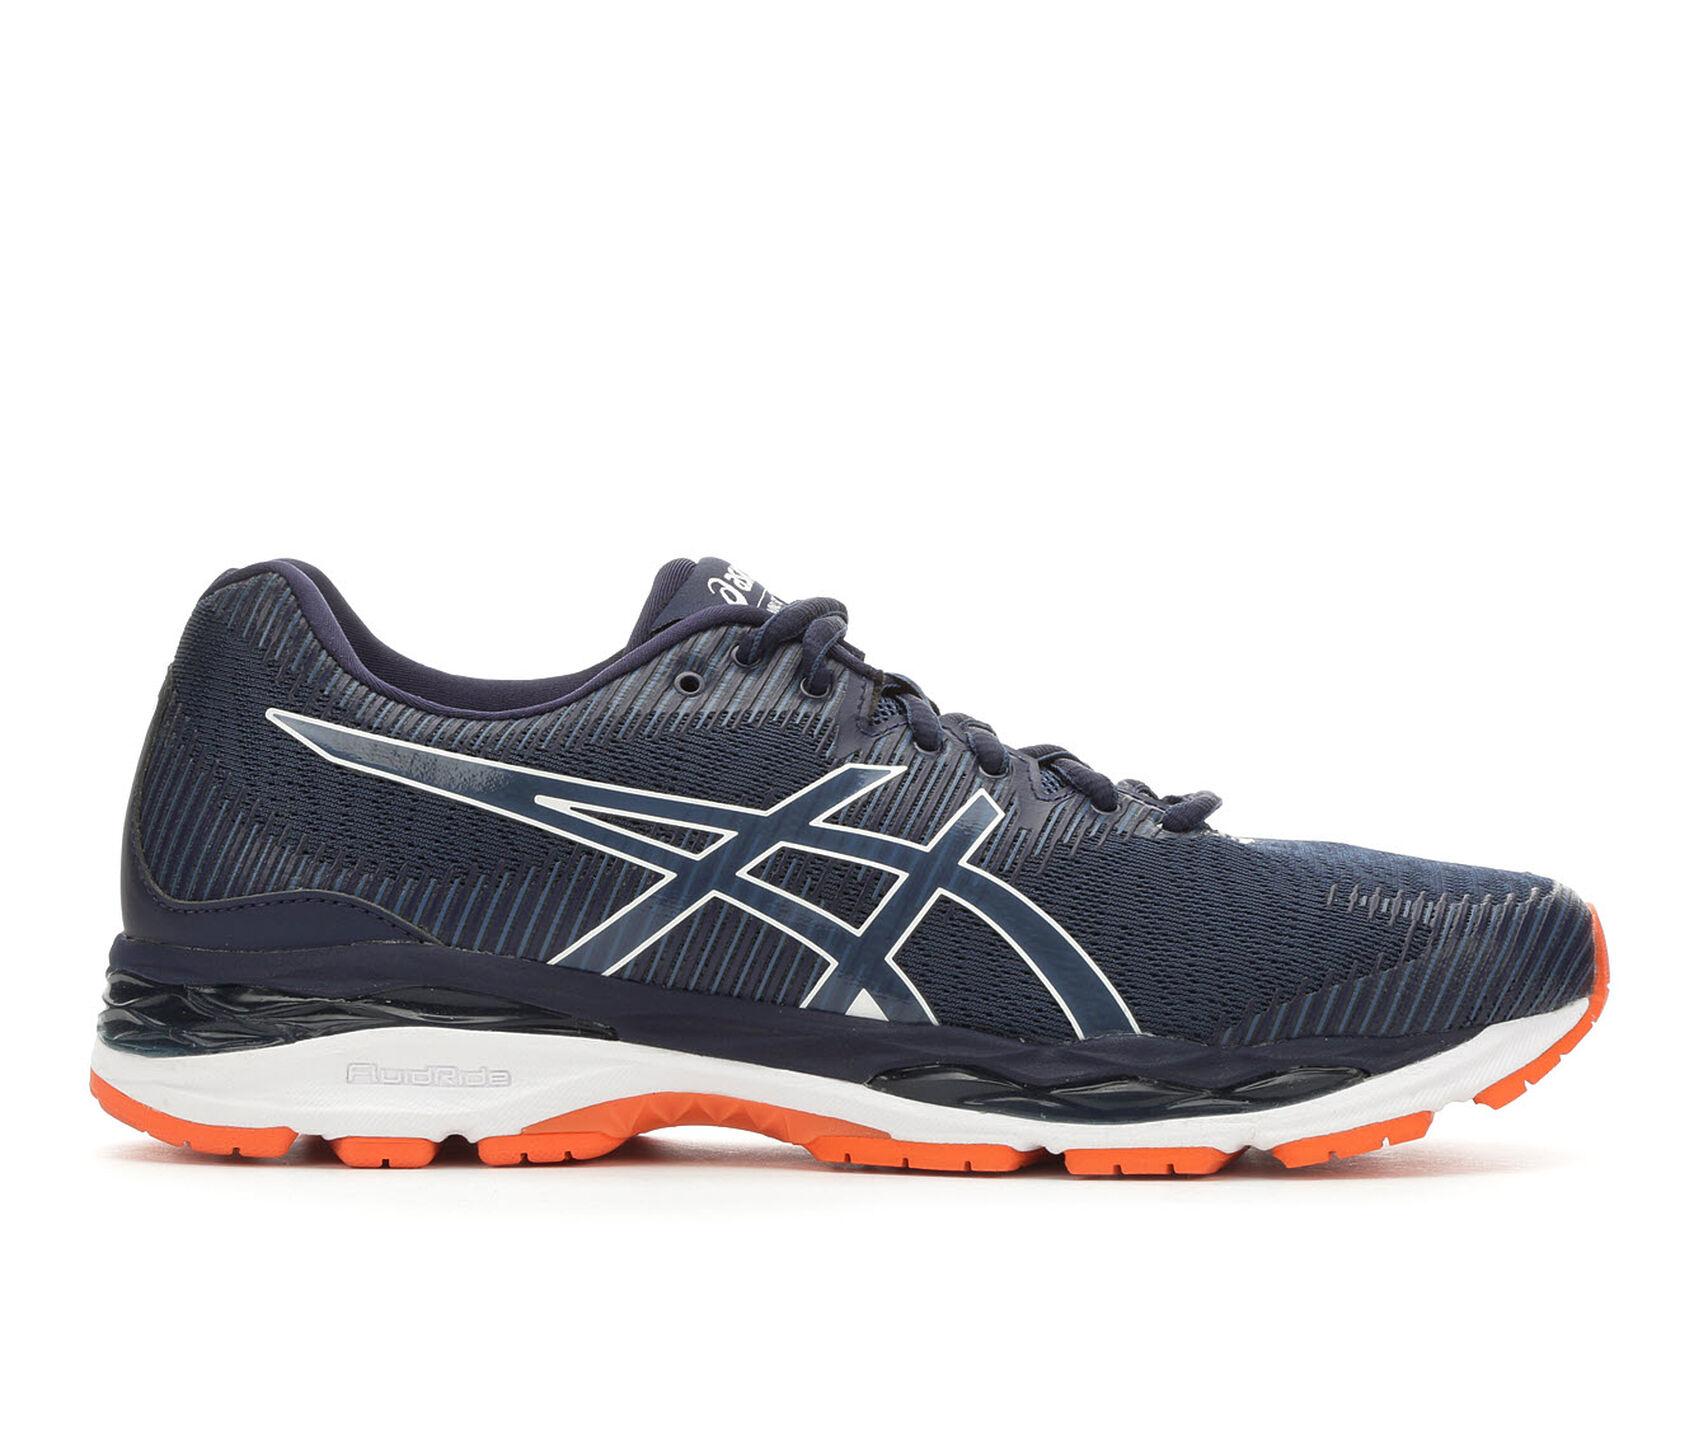 tout neuf 25b57 b93d9 Men's ASICS Gel Ziruss Running Shoes